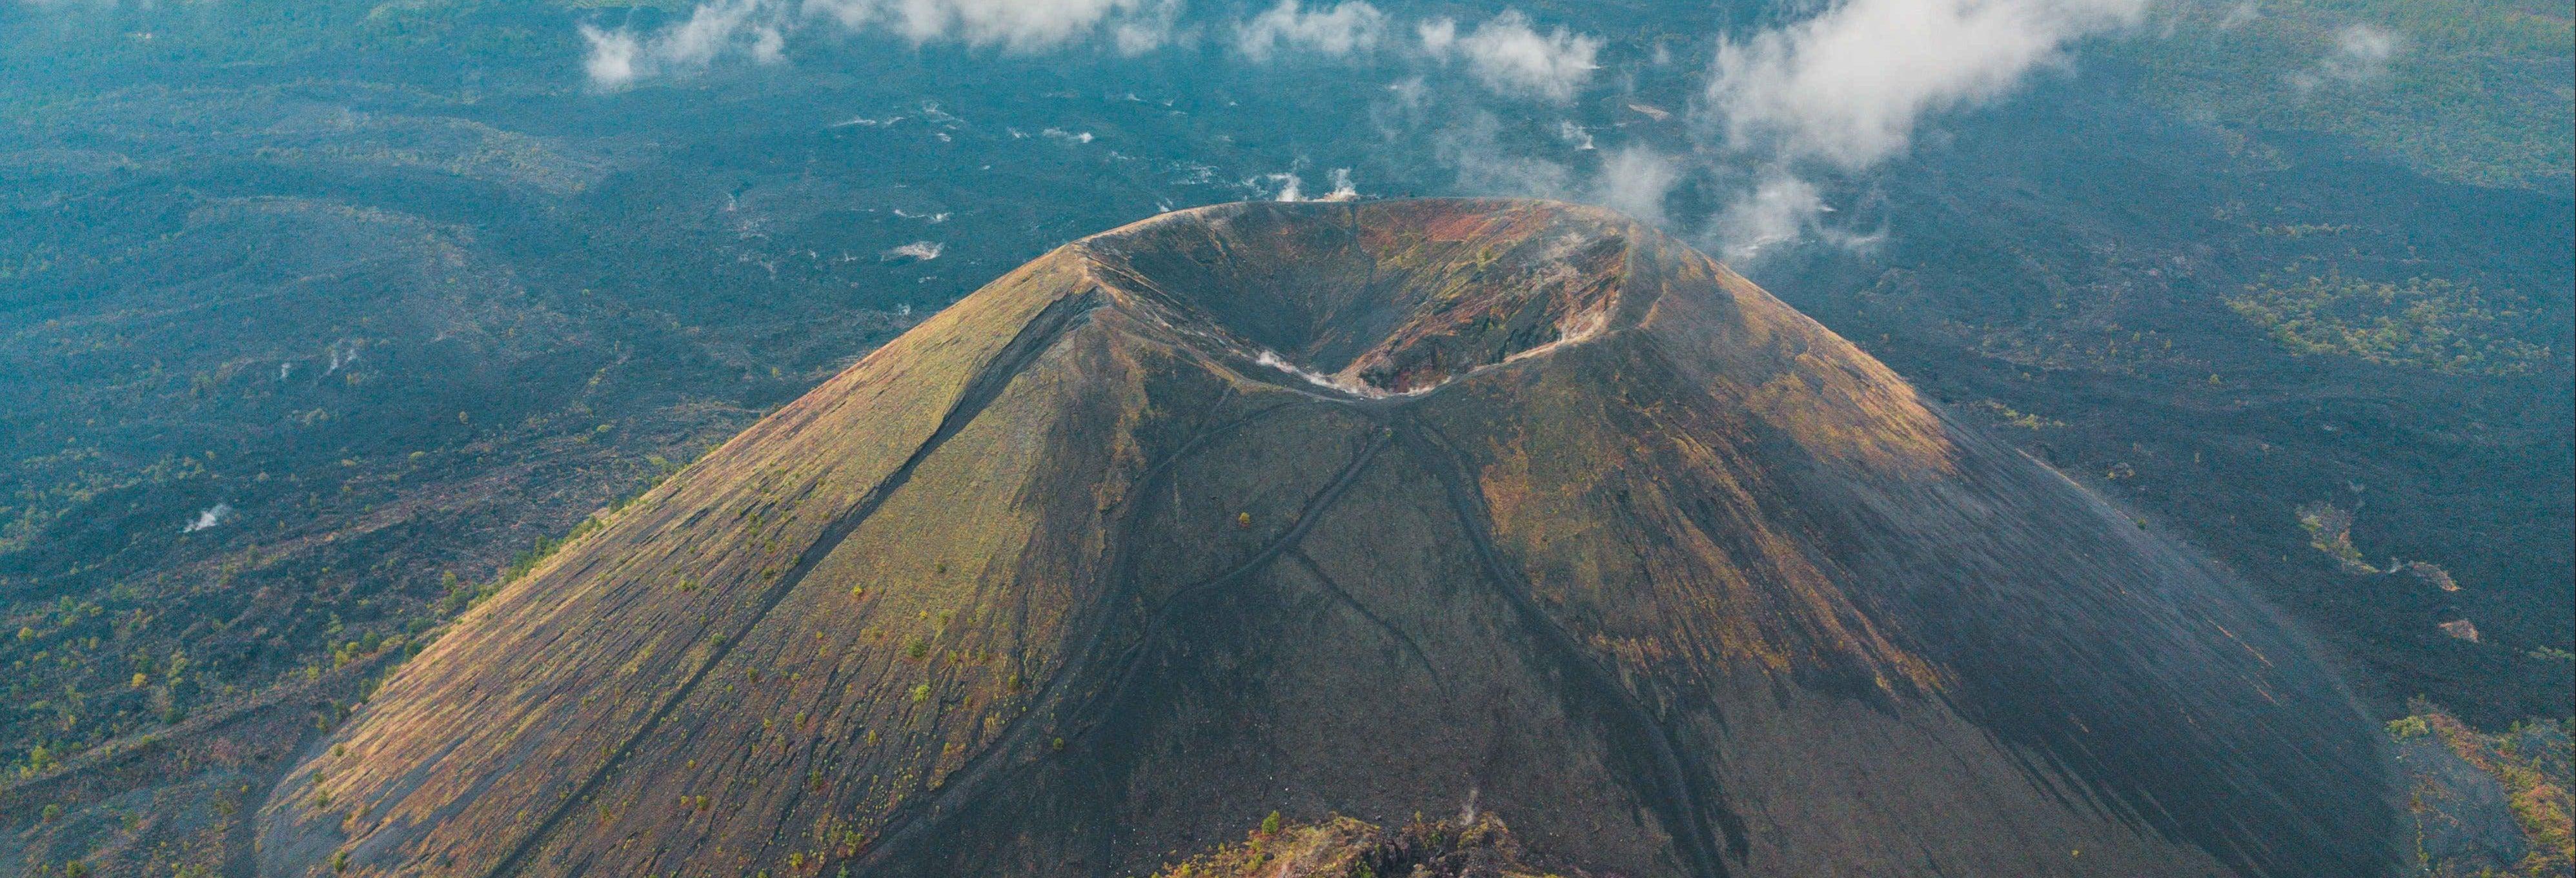 Excursión al volcán Paricutín y Angahuan